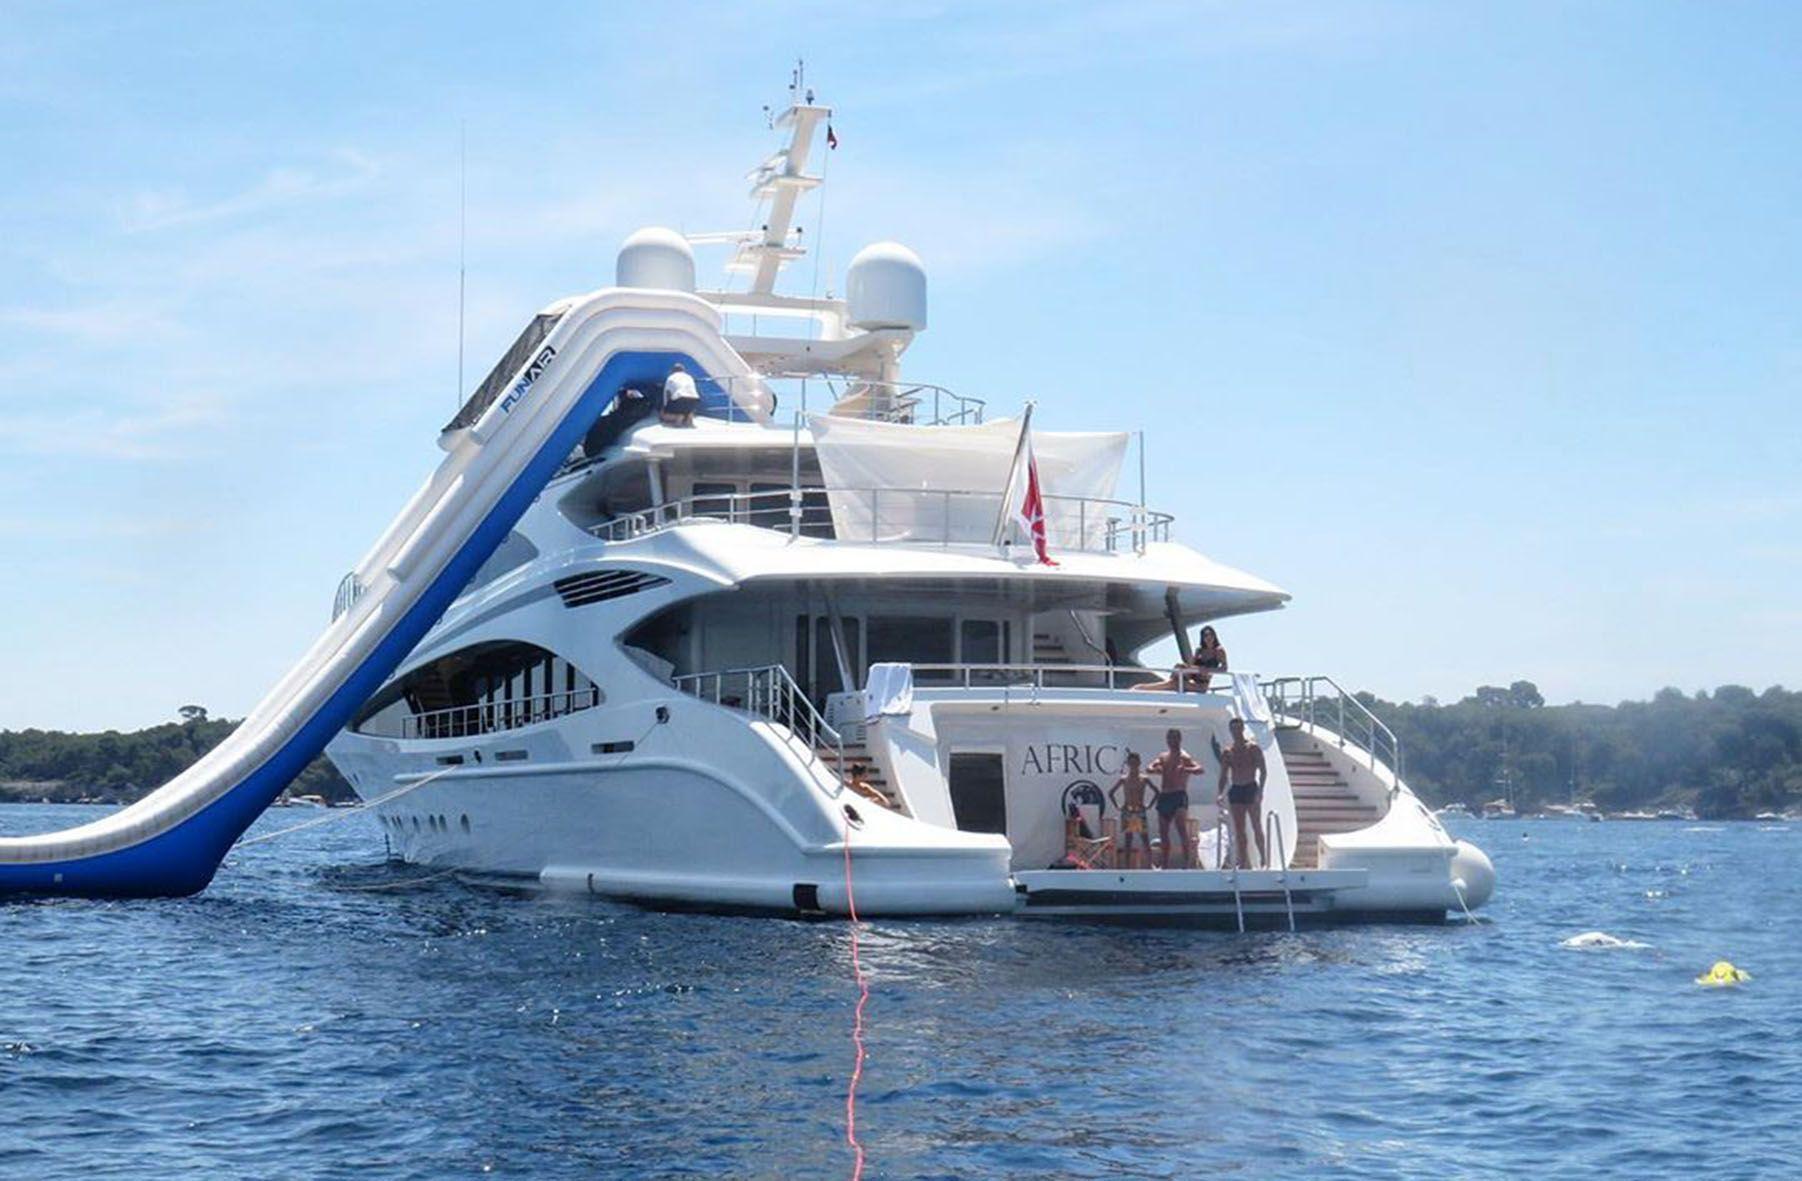 Cristiano Ronaldo e famiglia sullo yacht Africa